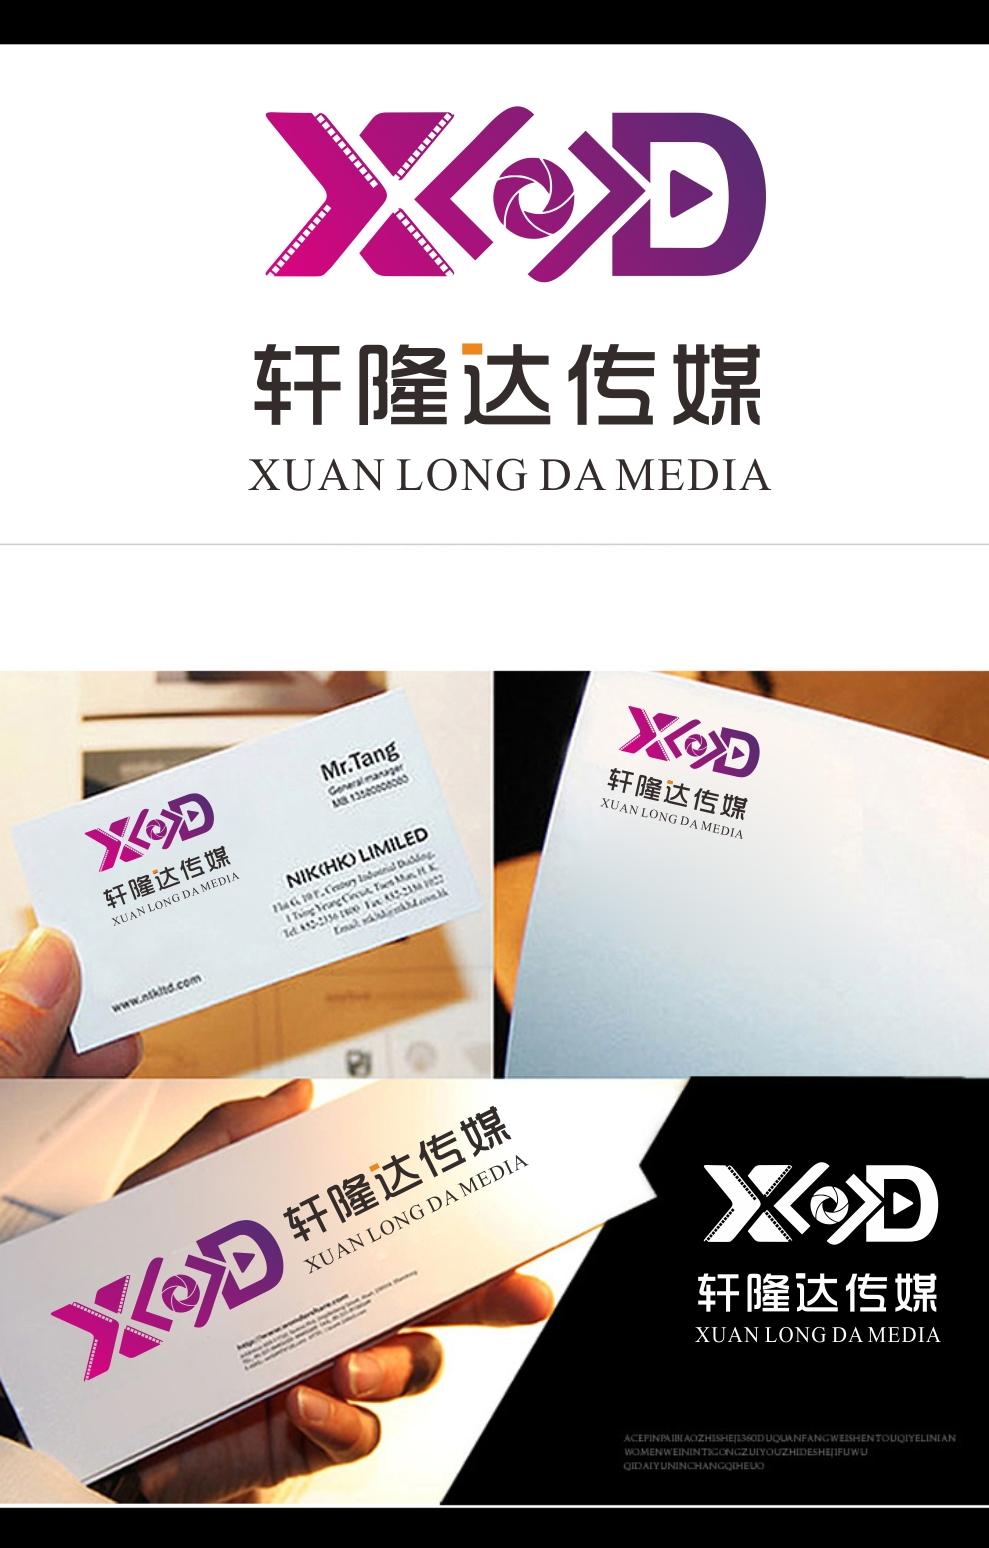 轩隆达传媒logo设计_3032840_k68威客网